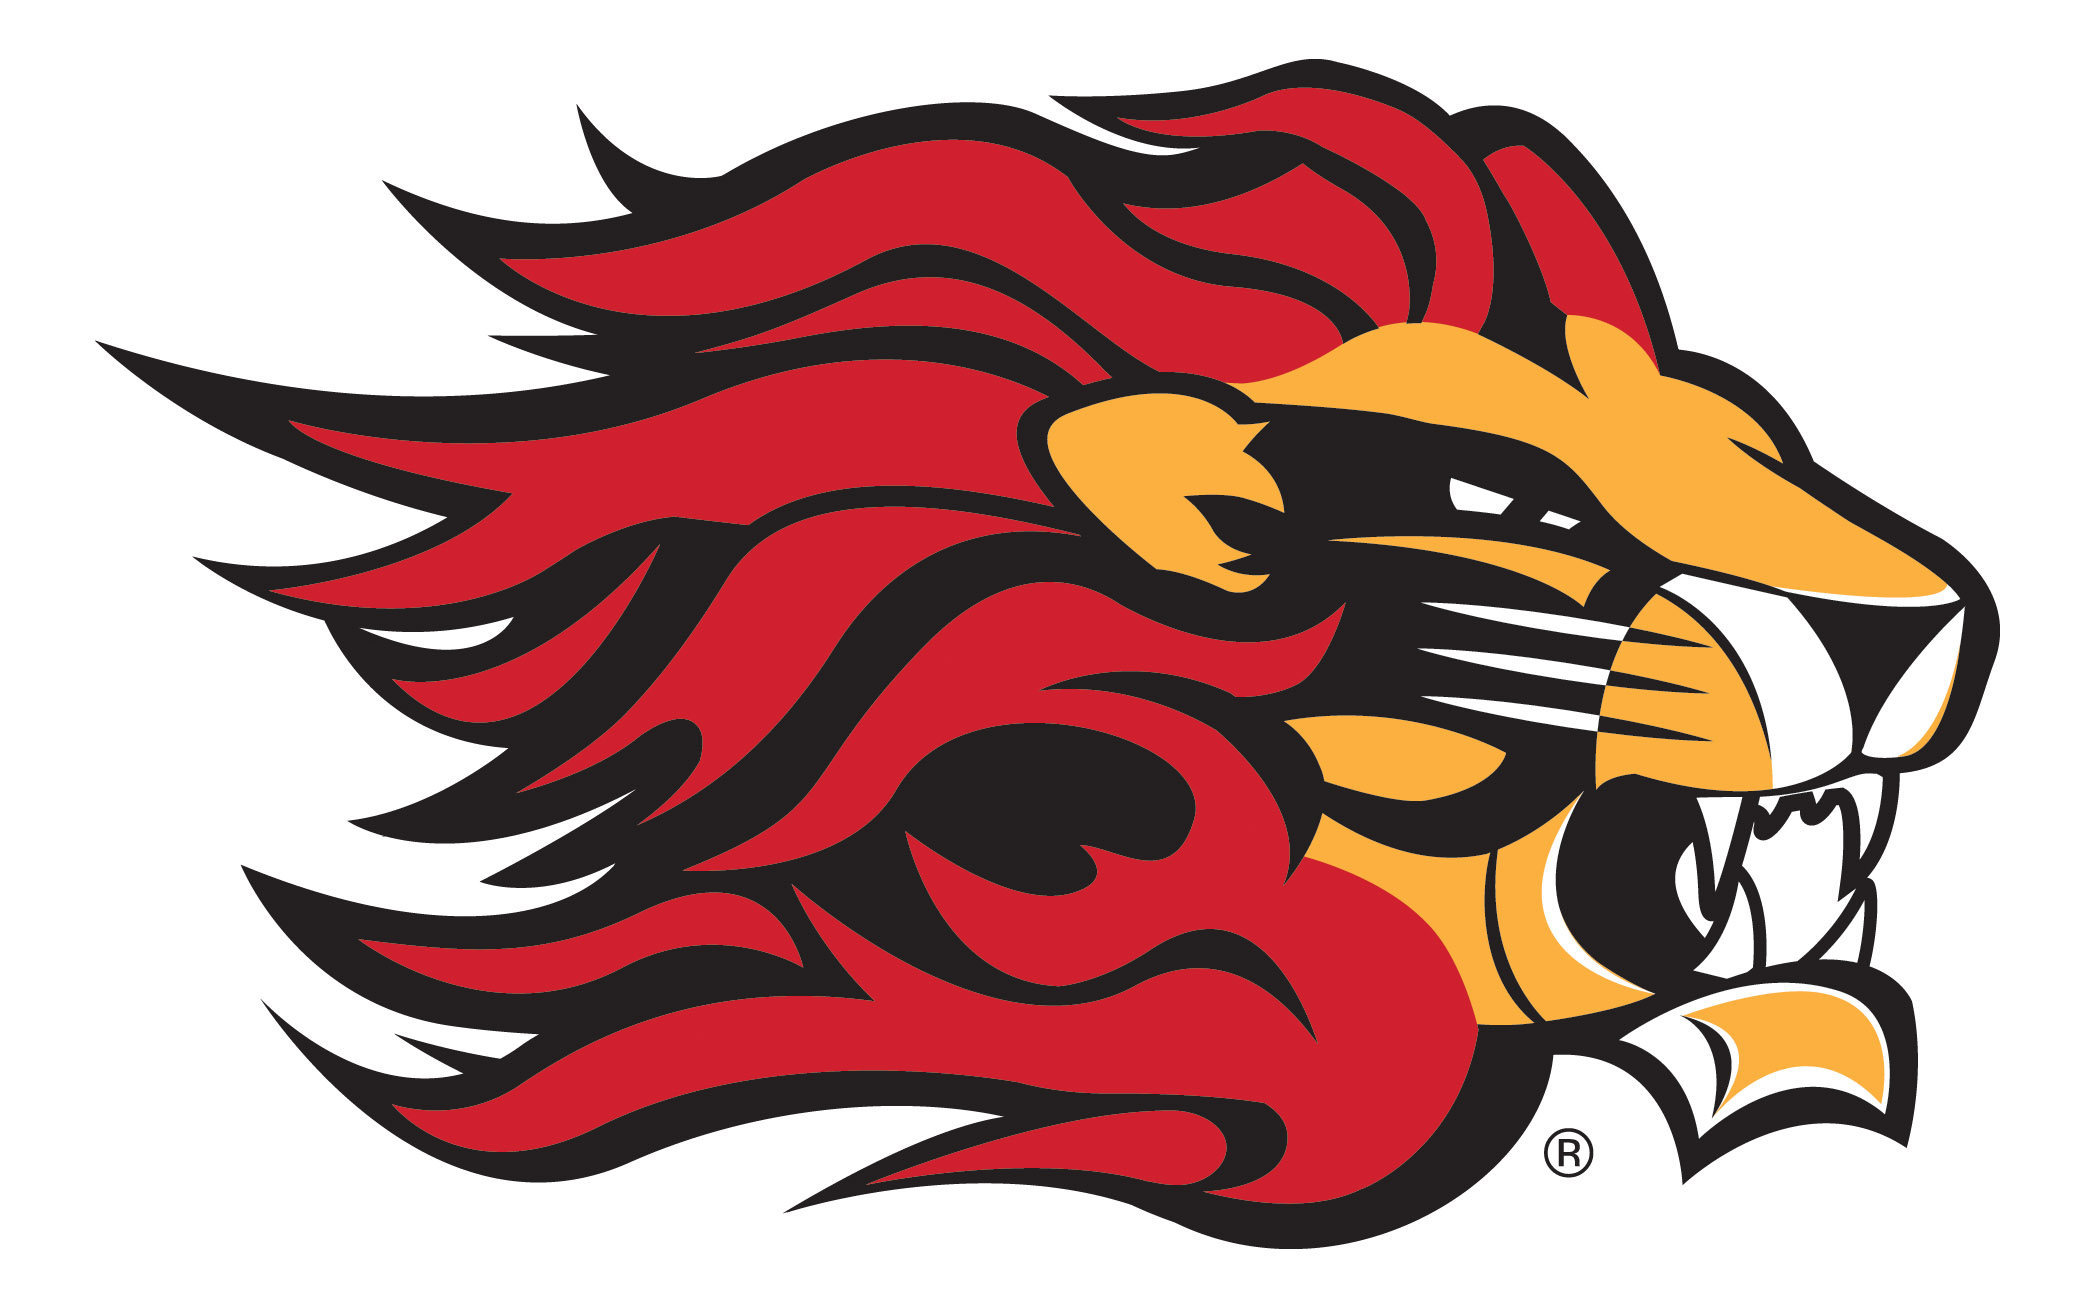 Golden lion logo quiz